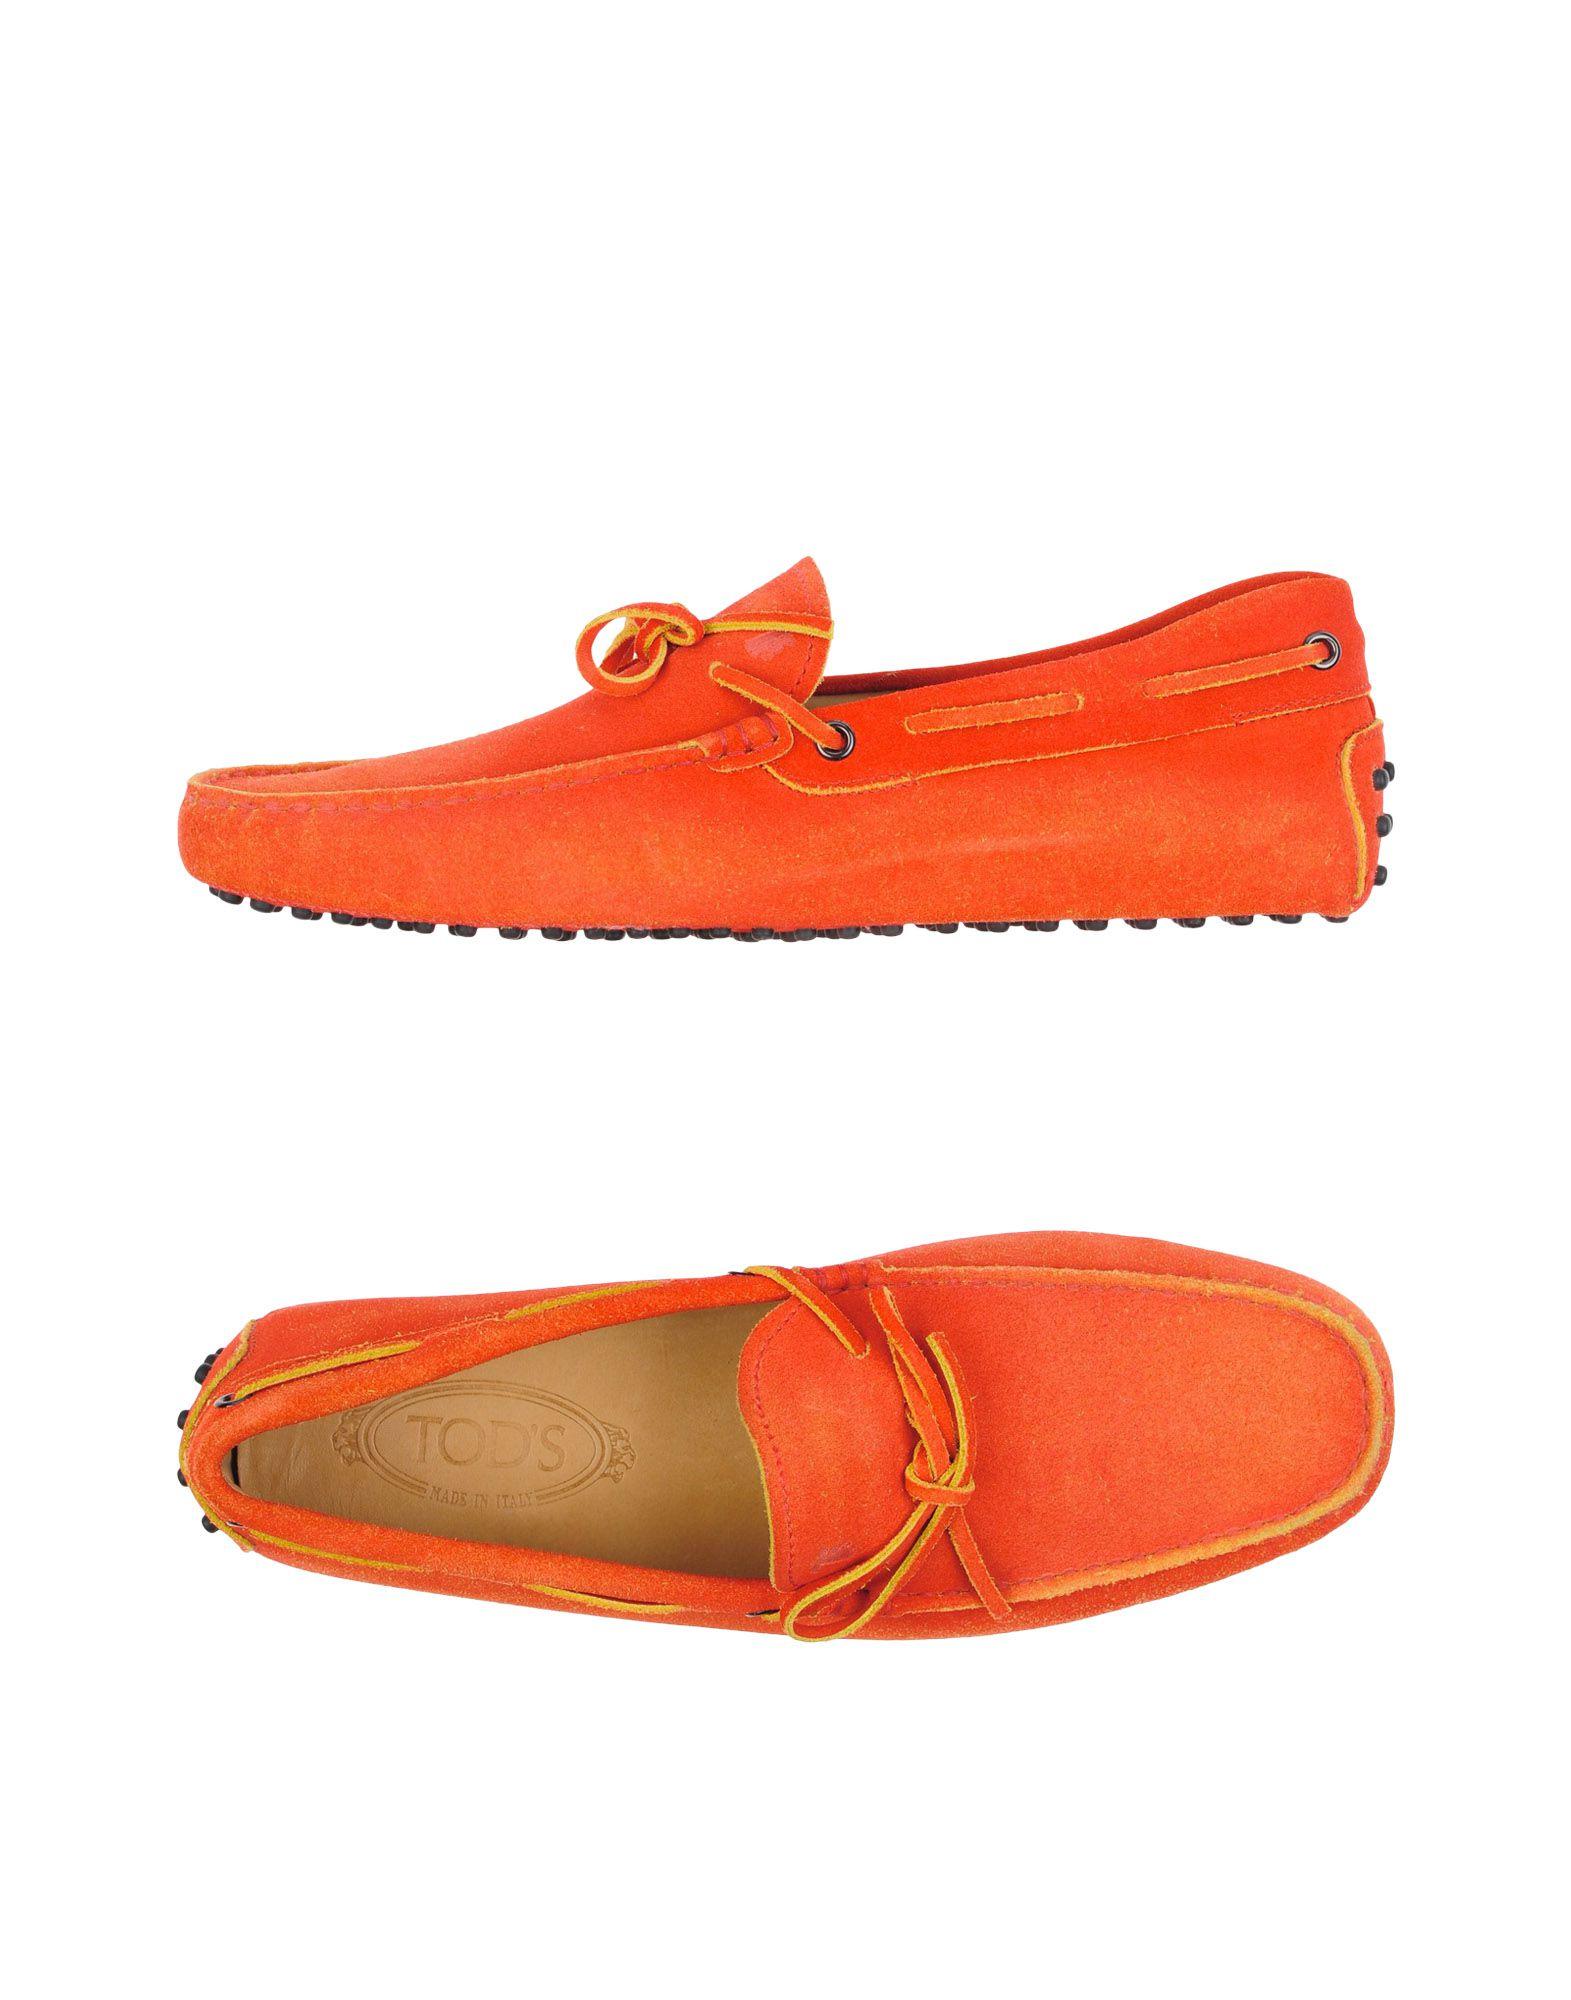 Tod's Mokassins Herren  11298401JT Gute Qualität beliebte Schuhe